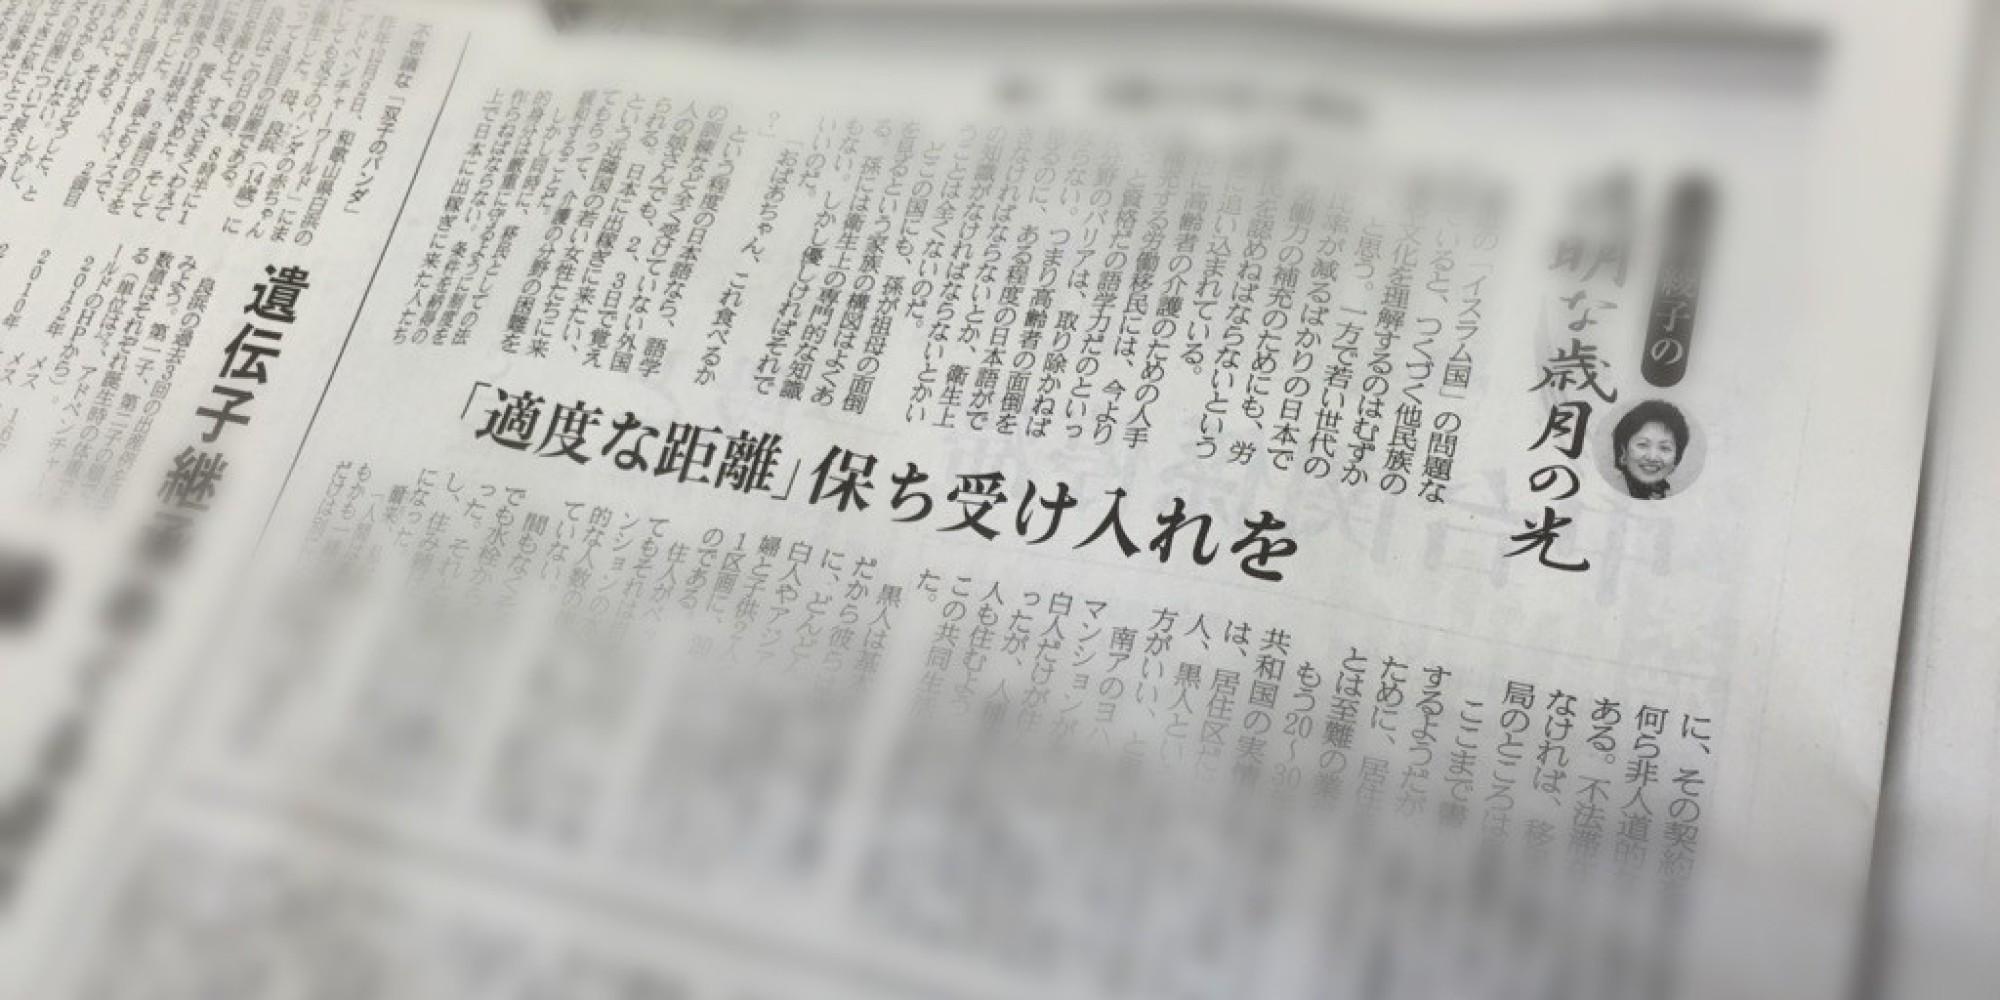 曽野綾子さん「移民を受け入れ、人種で分けて居住さ... 曽野綾子さん「移民を受け入れ、人種で分け